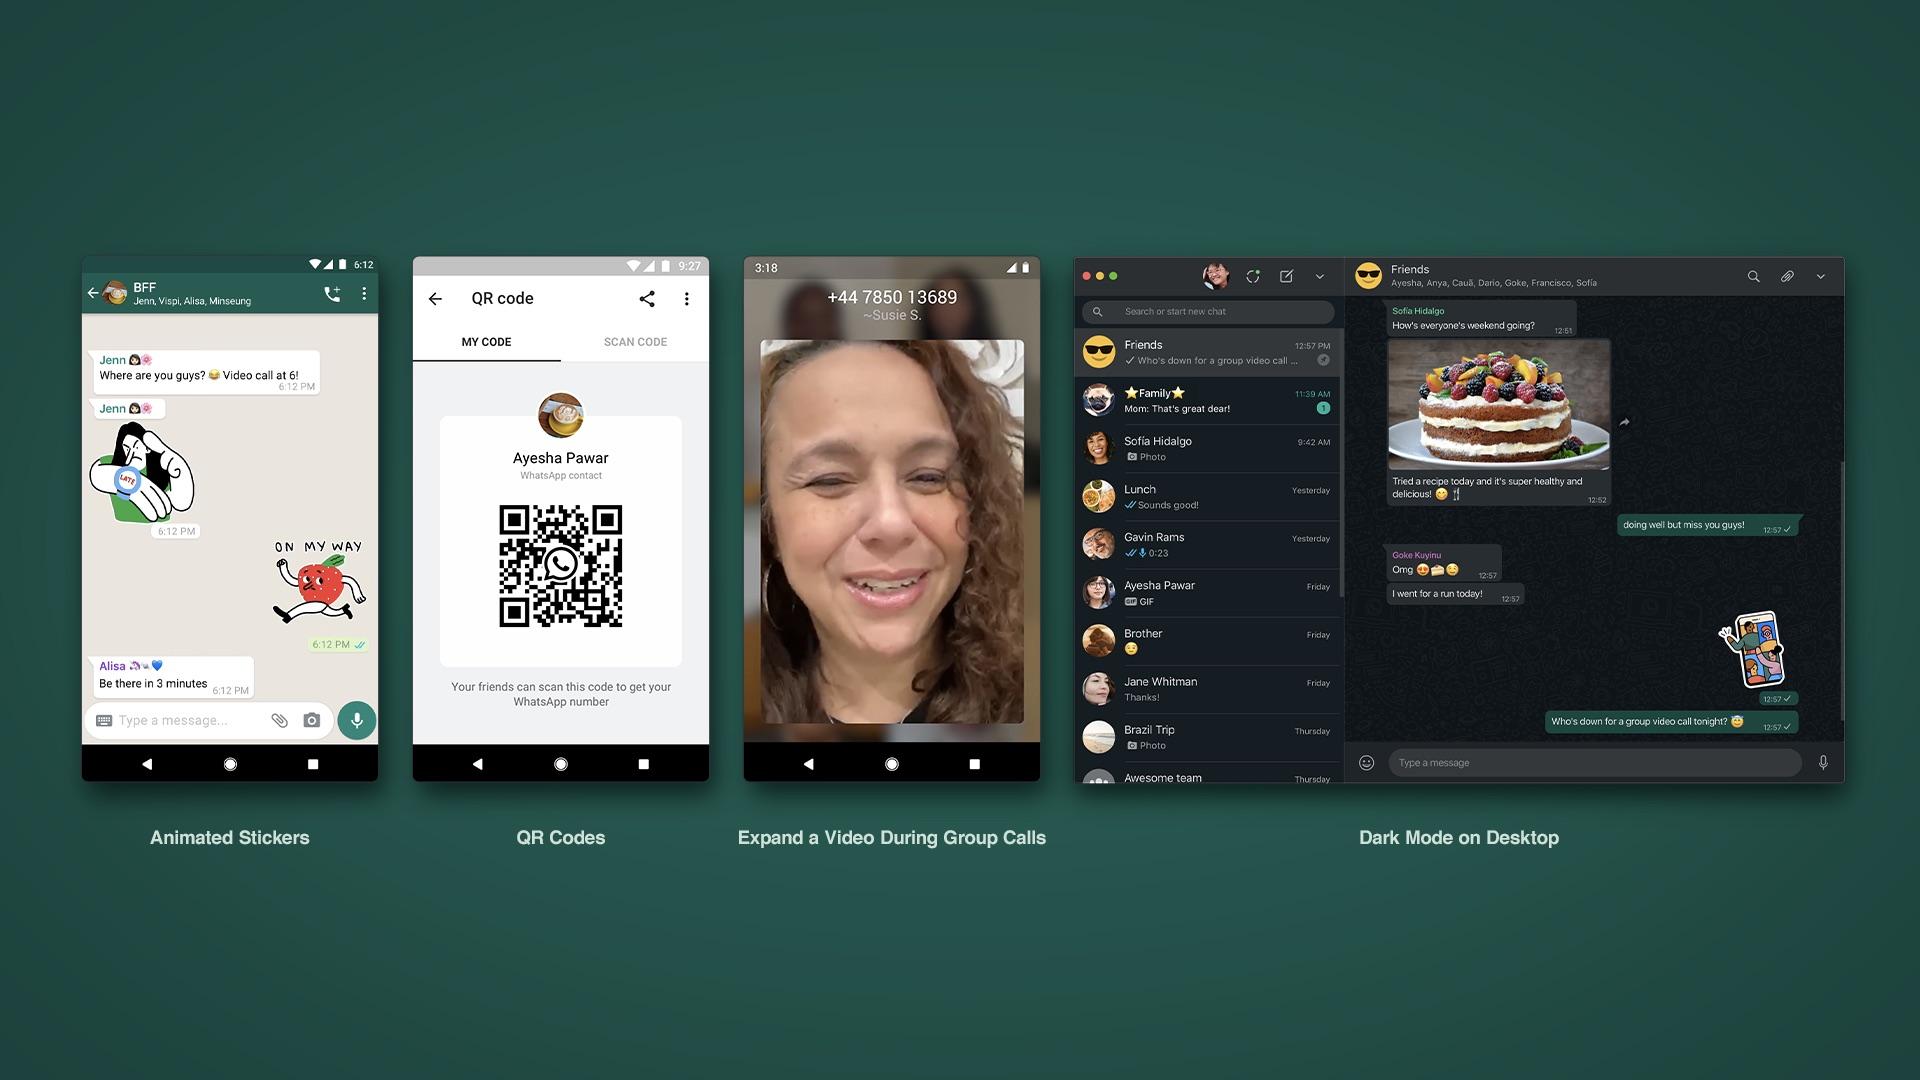 Recursos novos do WhatsApp: figurinhas animadas, adição de contatos via QR Code, expansão de quadro durante chamada de vídeo e modo escuro